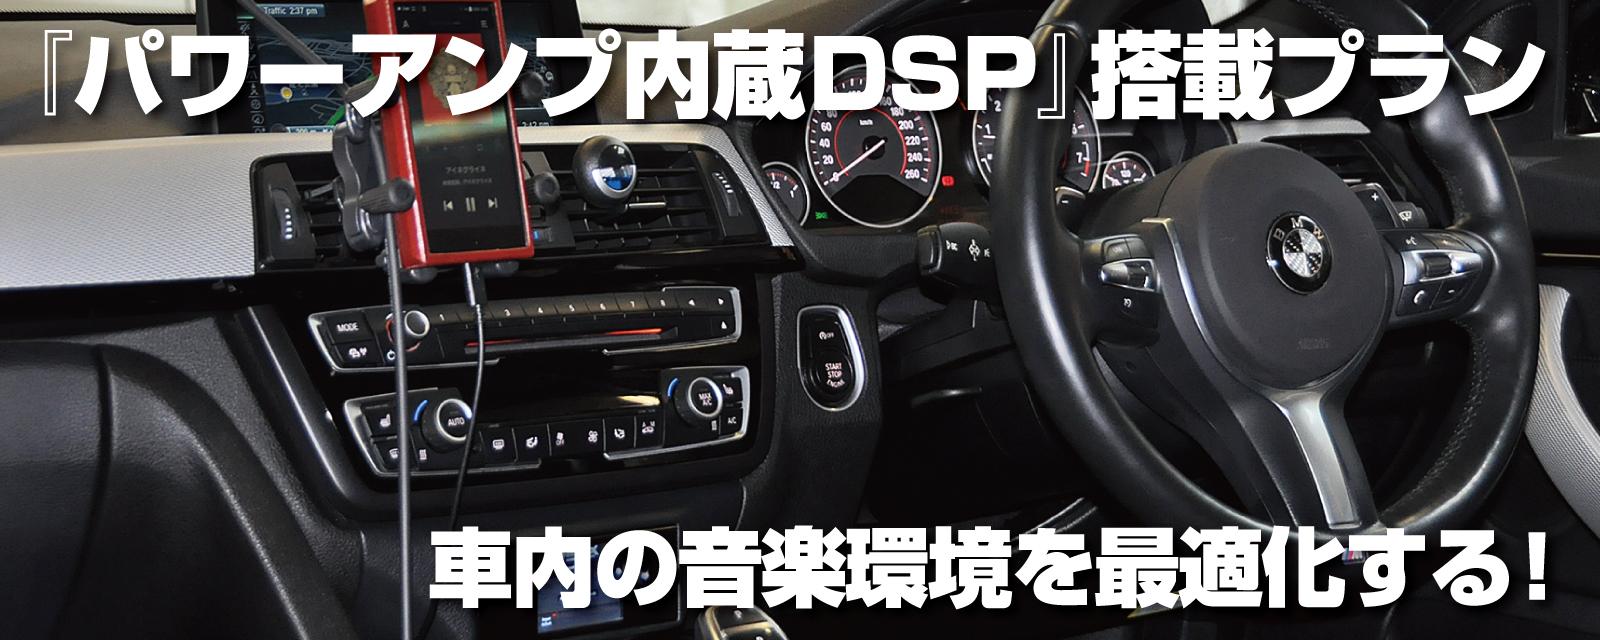 車内の音楽環境を最適化する『パワーアンプ内蔵DSP』搭載プラン